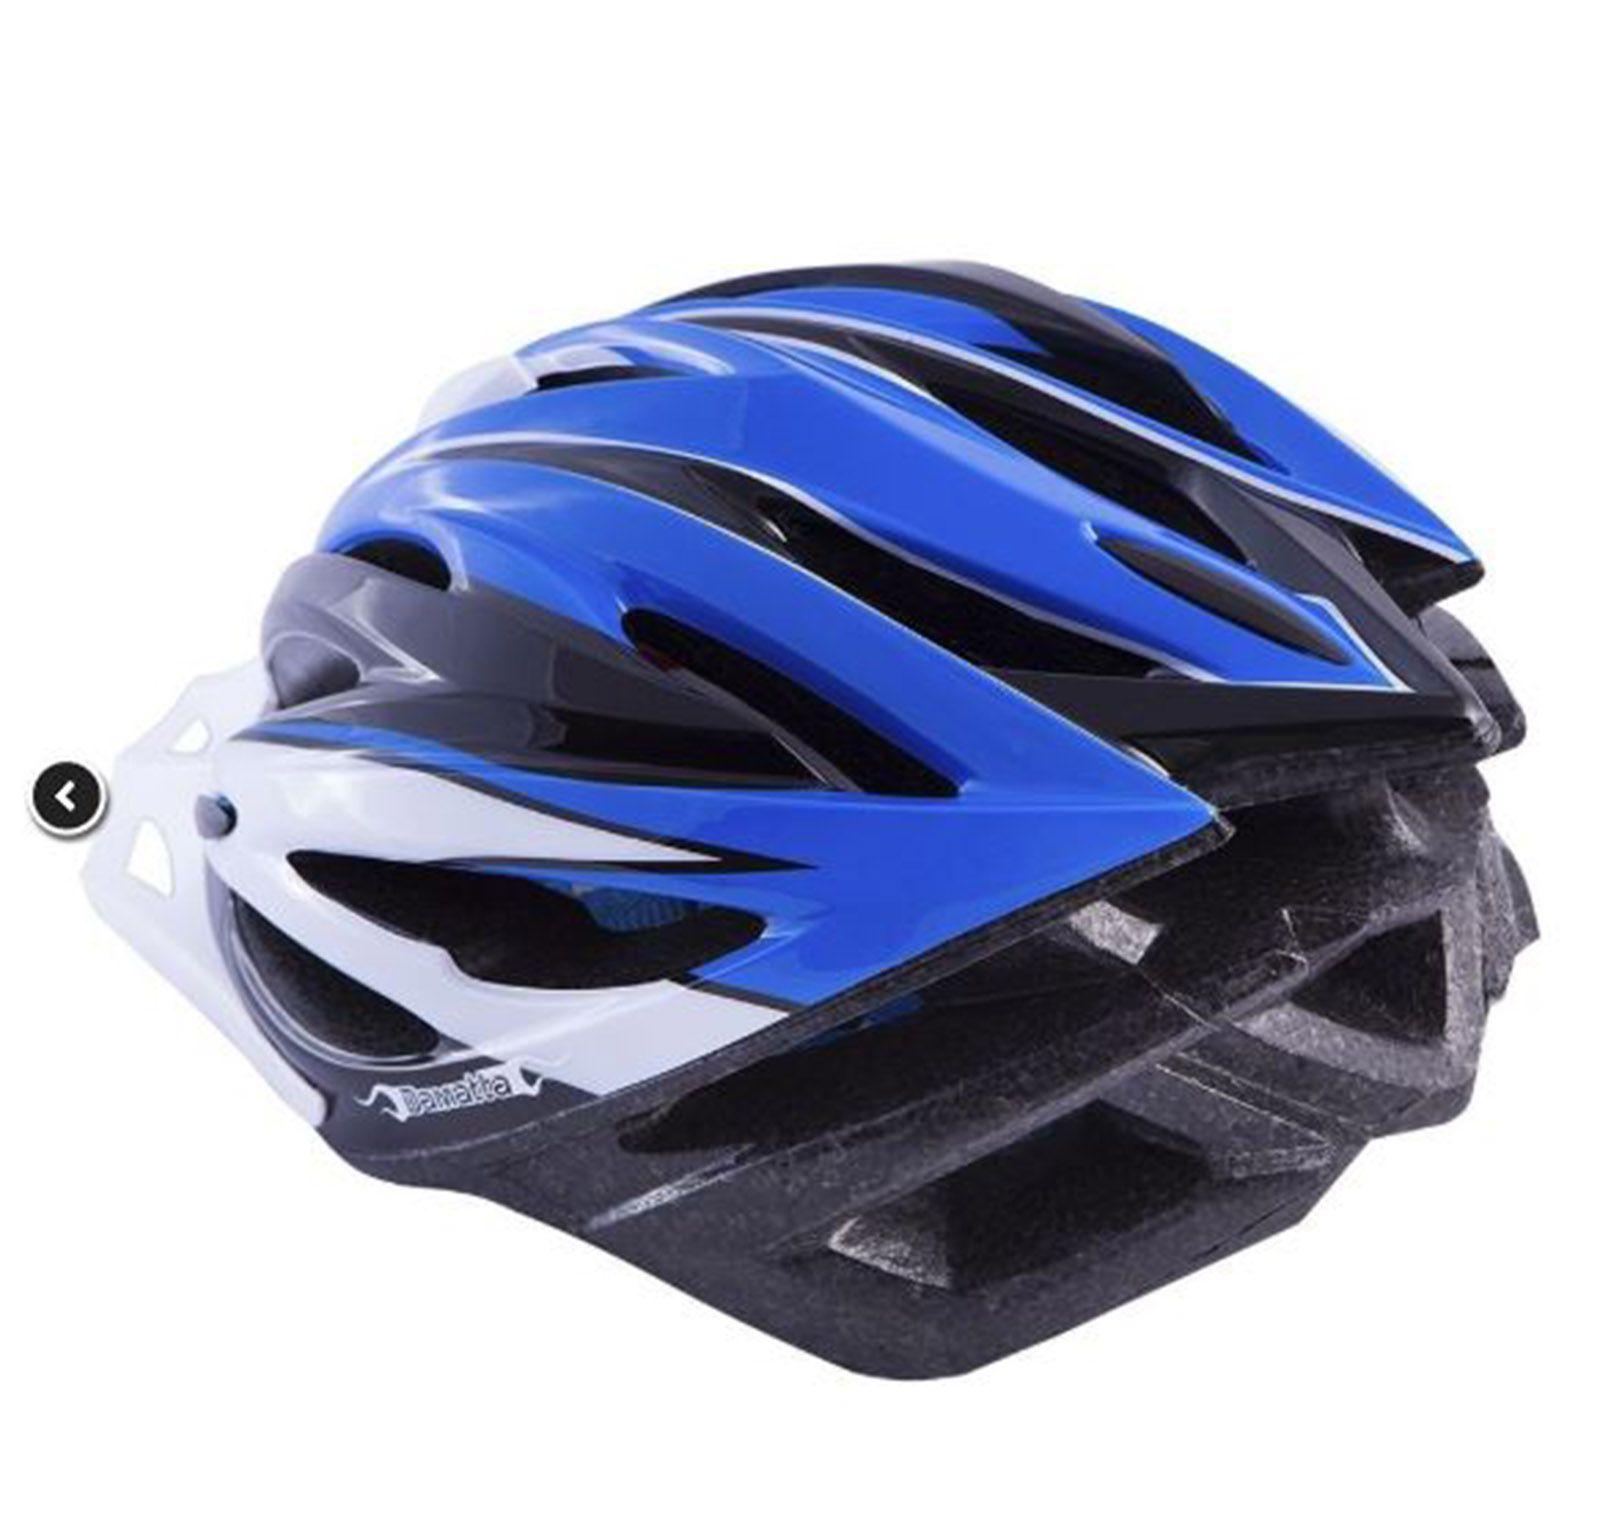 Capacete Ciclismo Comp - Damatta